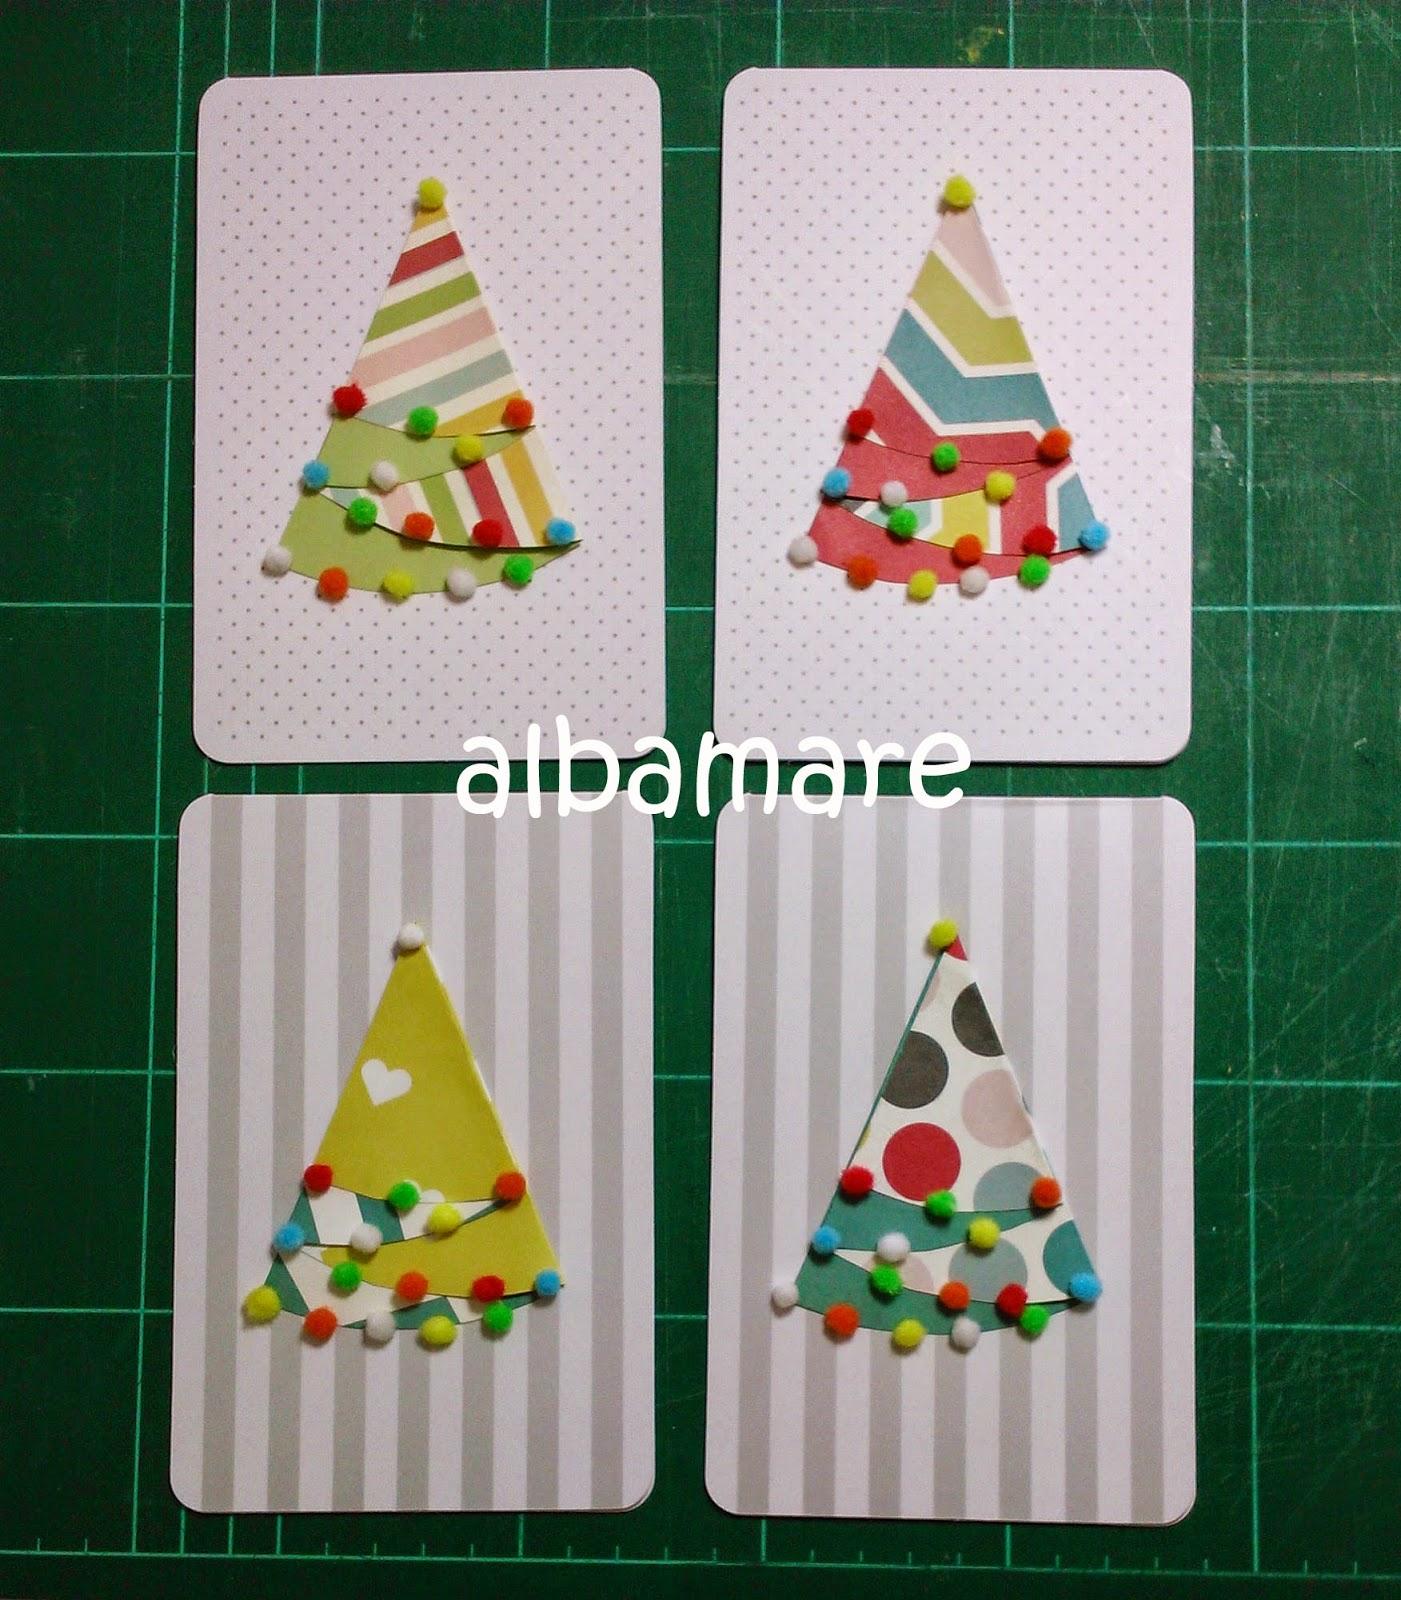 Albamare manualidades handicrafts diy c mo hacer una - Hacer una tarjeta navidena ...